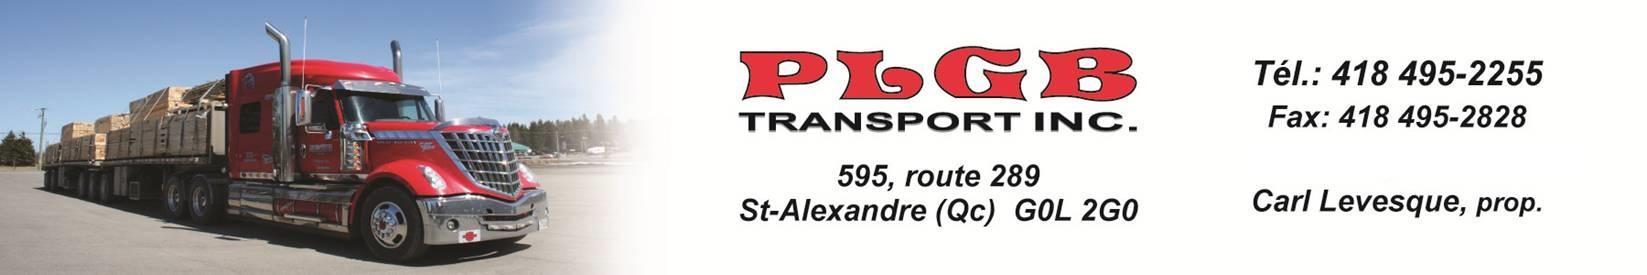 PLGB TRANSPORT